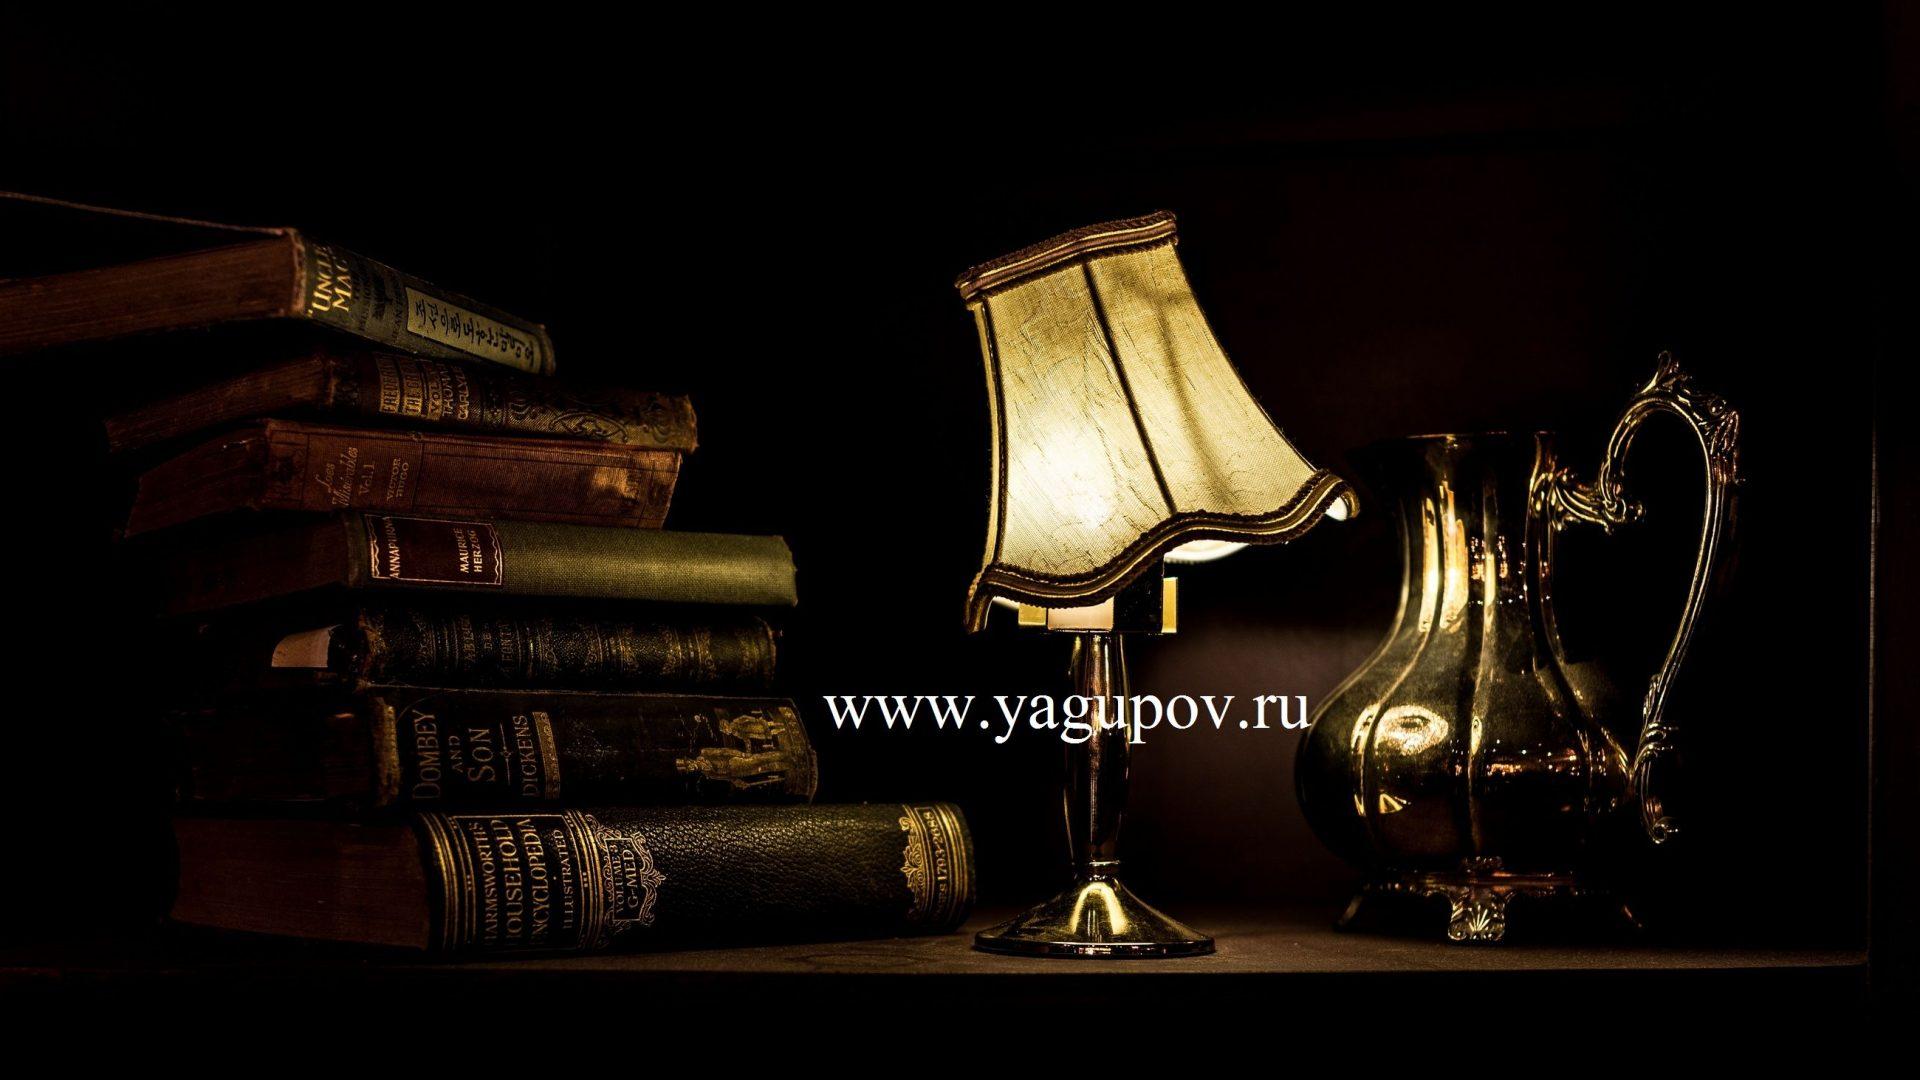 Игорь Ягупов